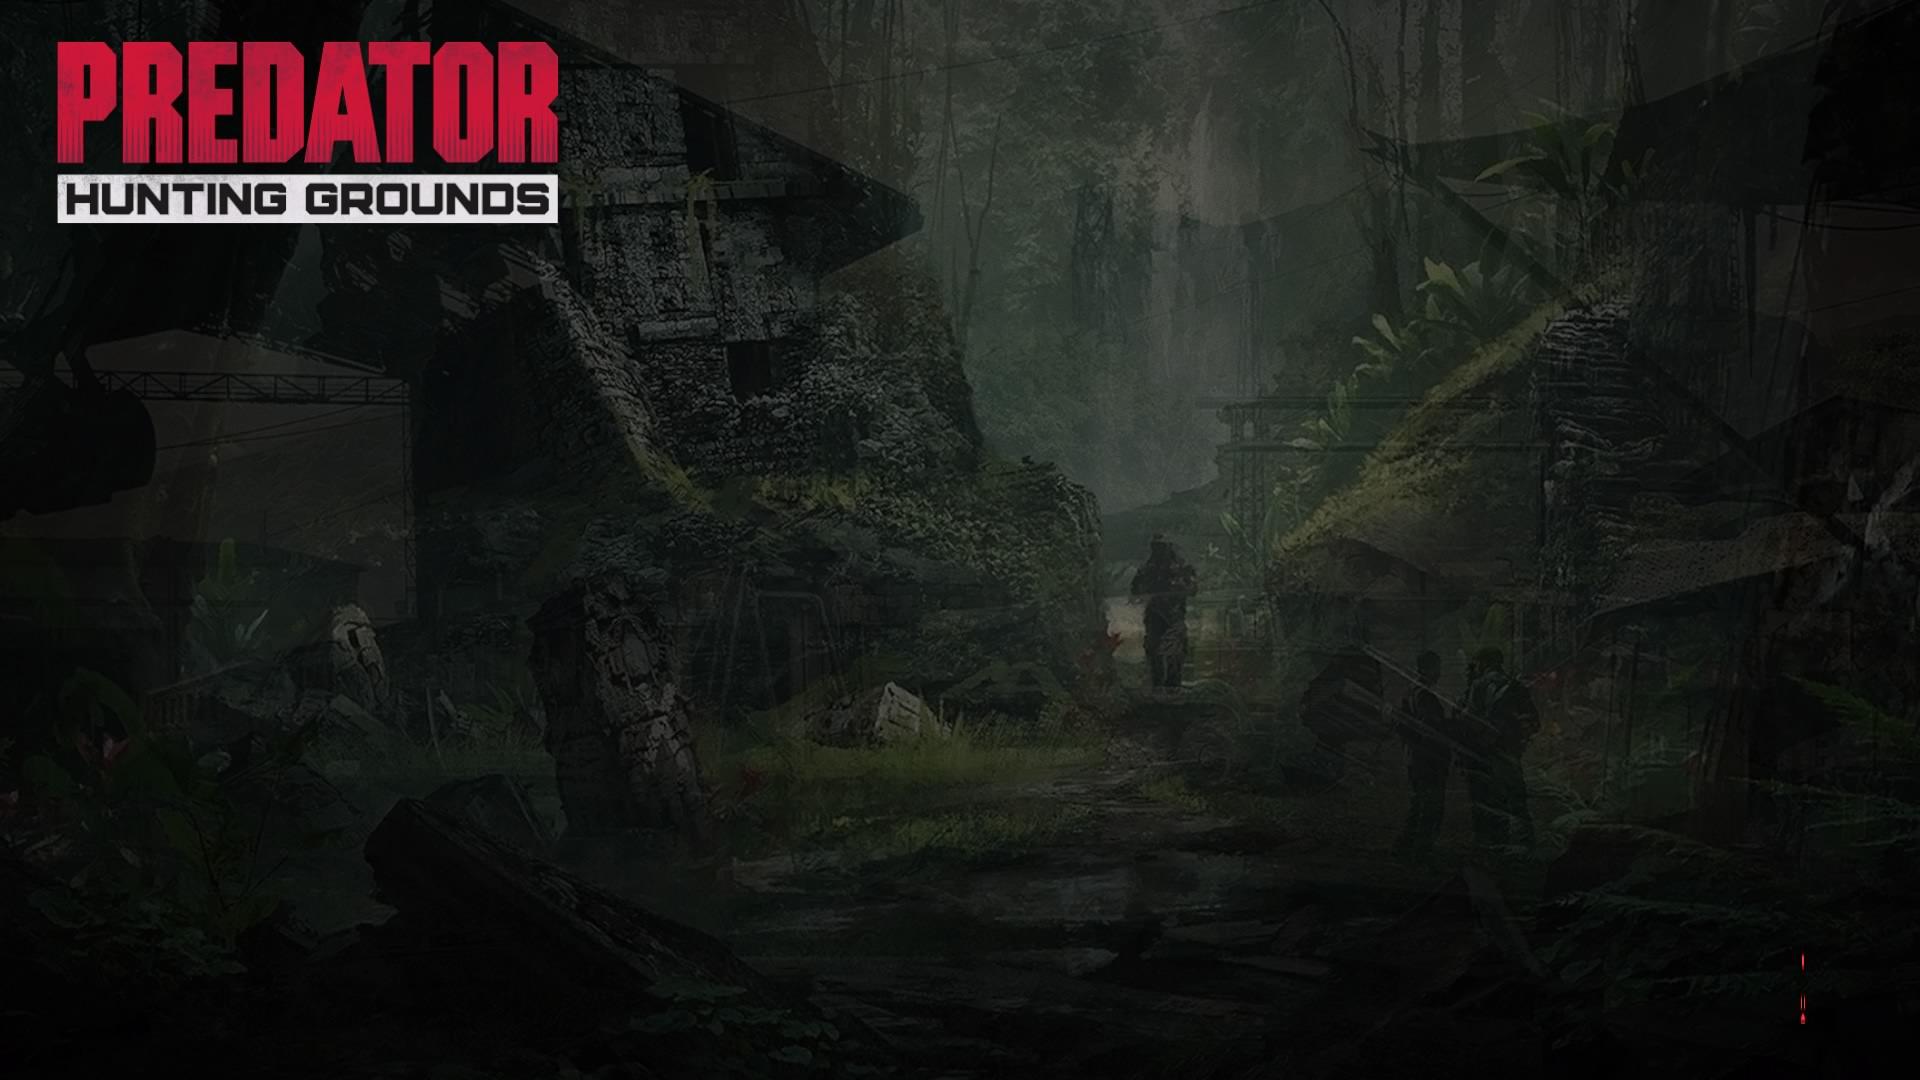 Predator Hunting Grounds recensione: l'importante è essere belli dentro thumbnail